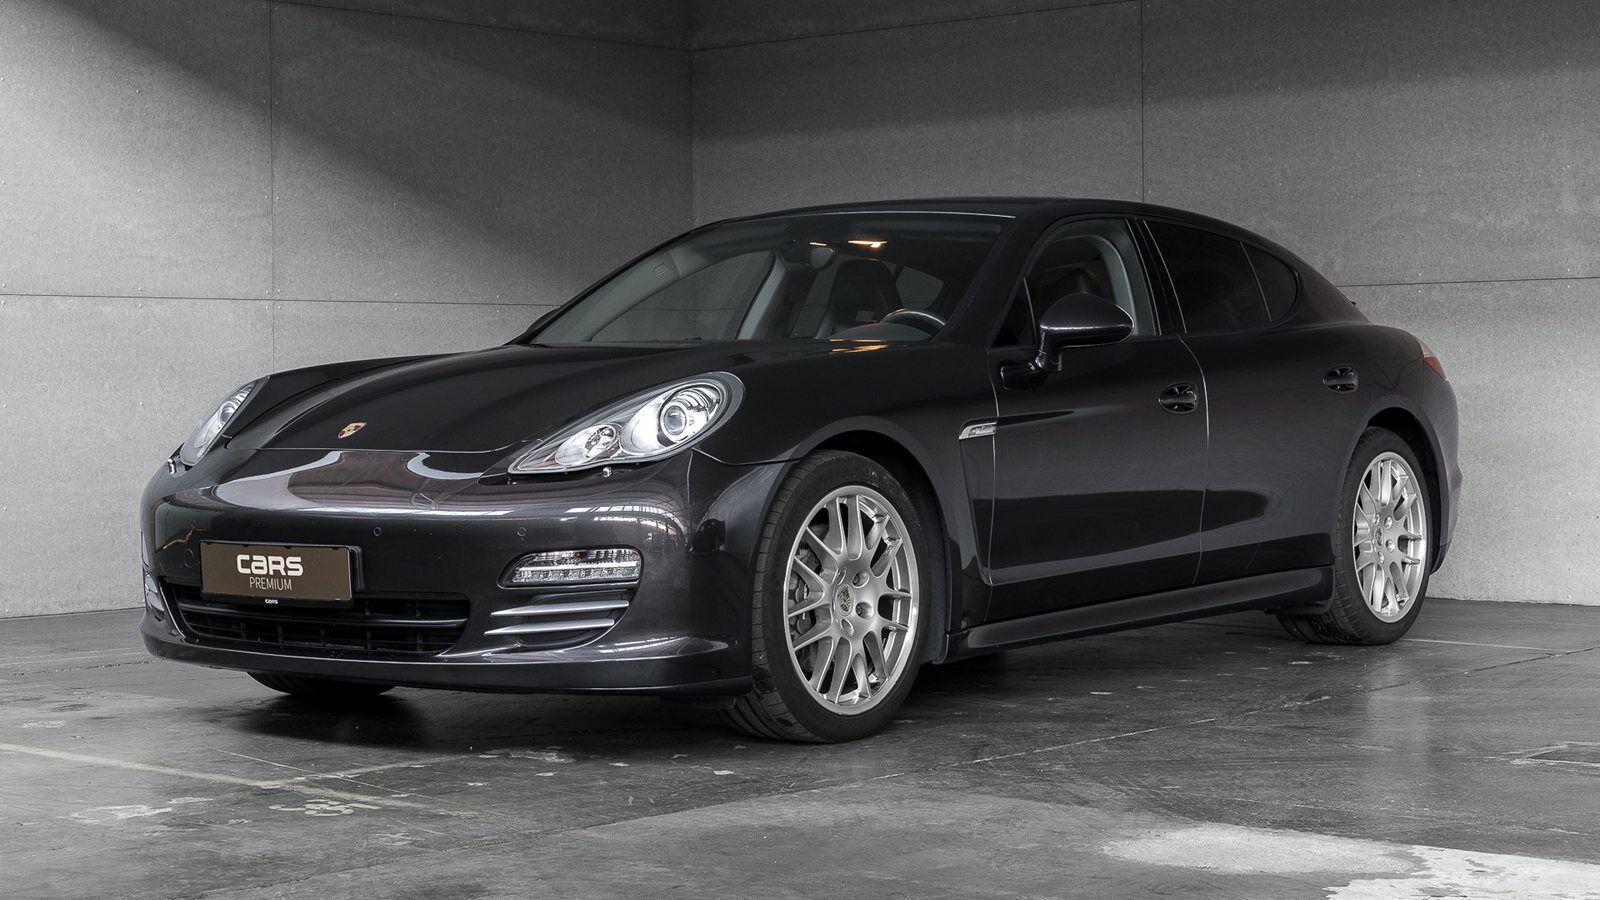 Porsche Panamera 3,6 PDK 5d - 2.950 kr.